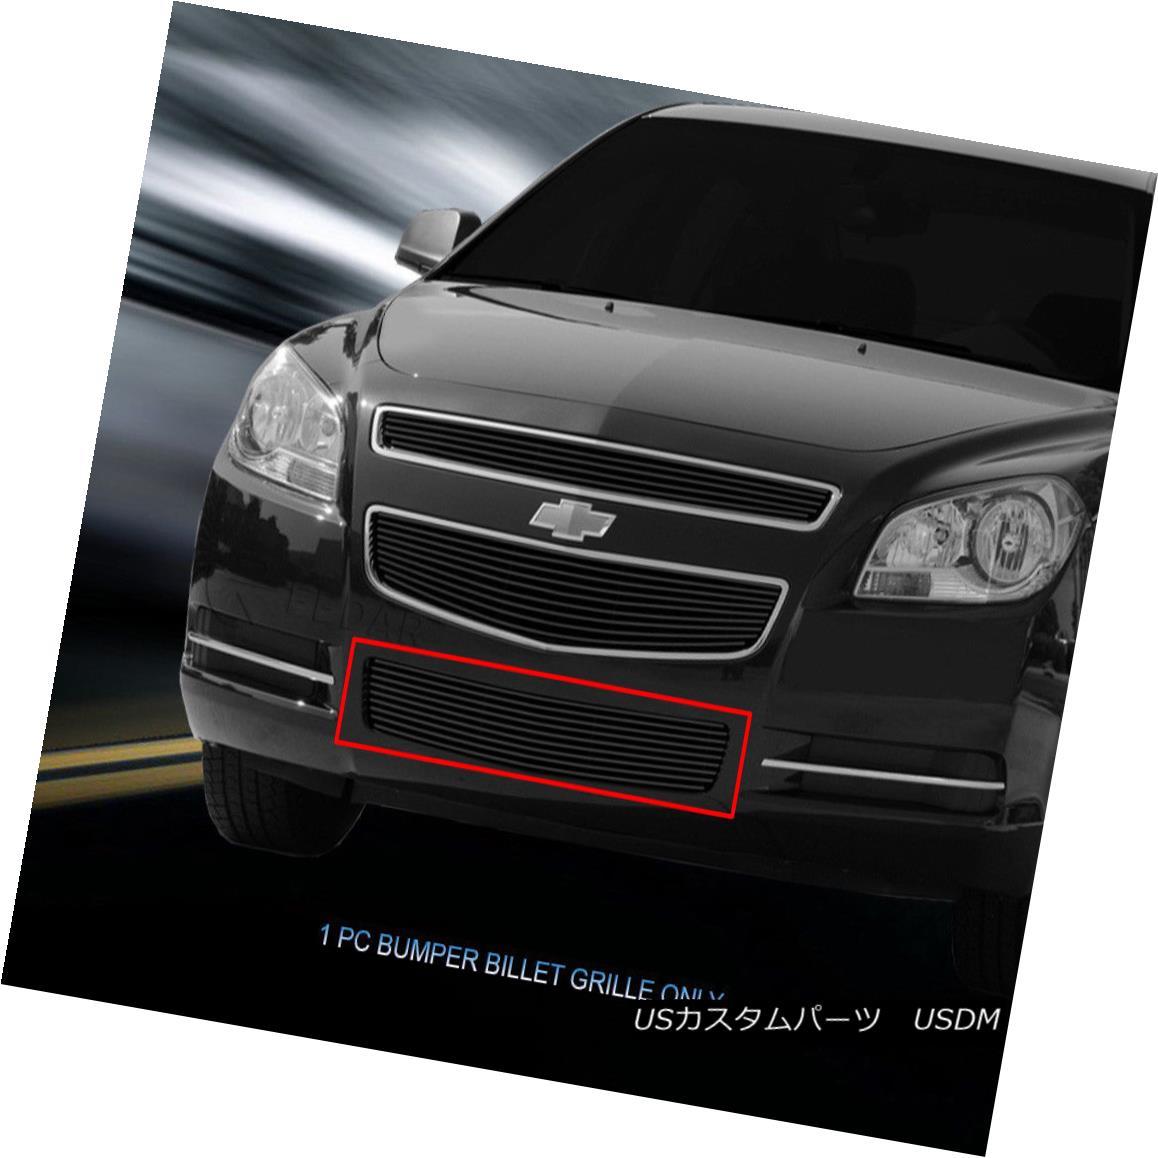 グリル 2008-2012 Chevy Malibu Black Billet Grill Bumper Grill Insert Fedar 2008-2012シボレーマリブブラックビレットグリルバンパーグリルインサートFedar